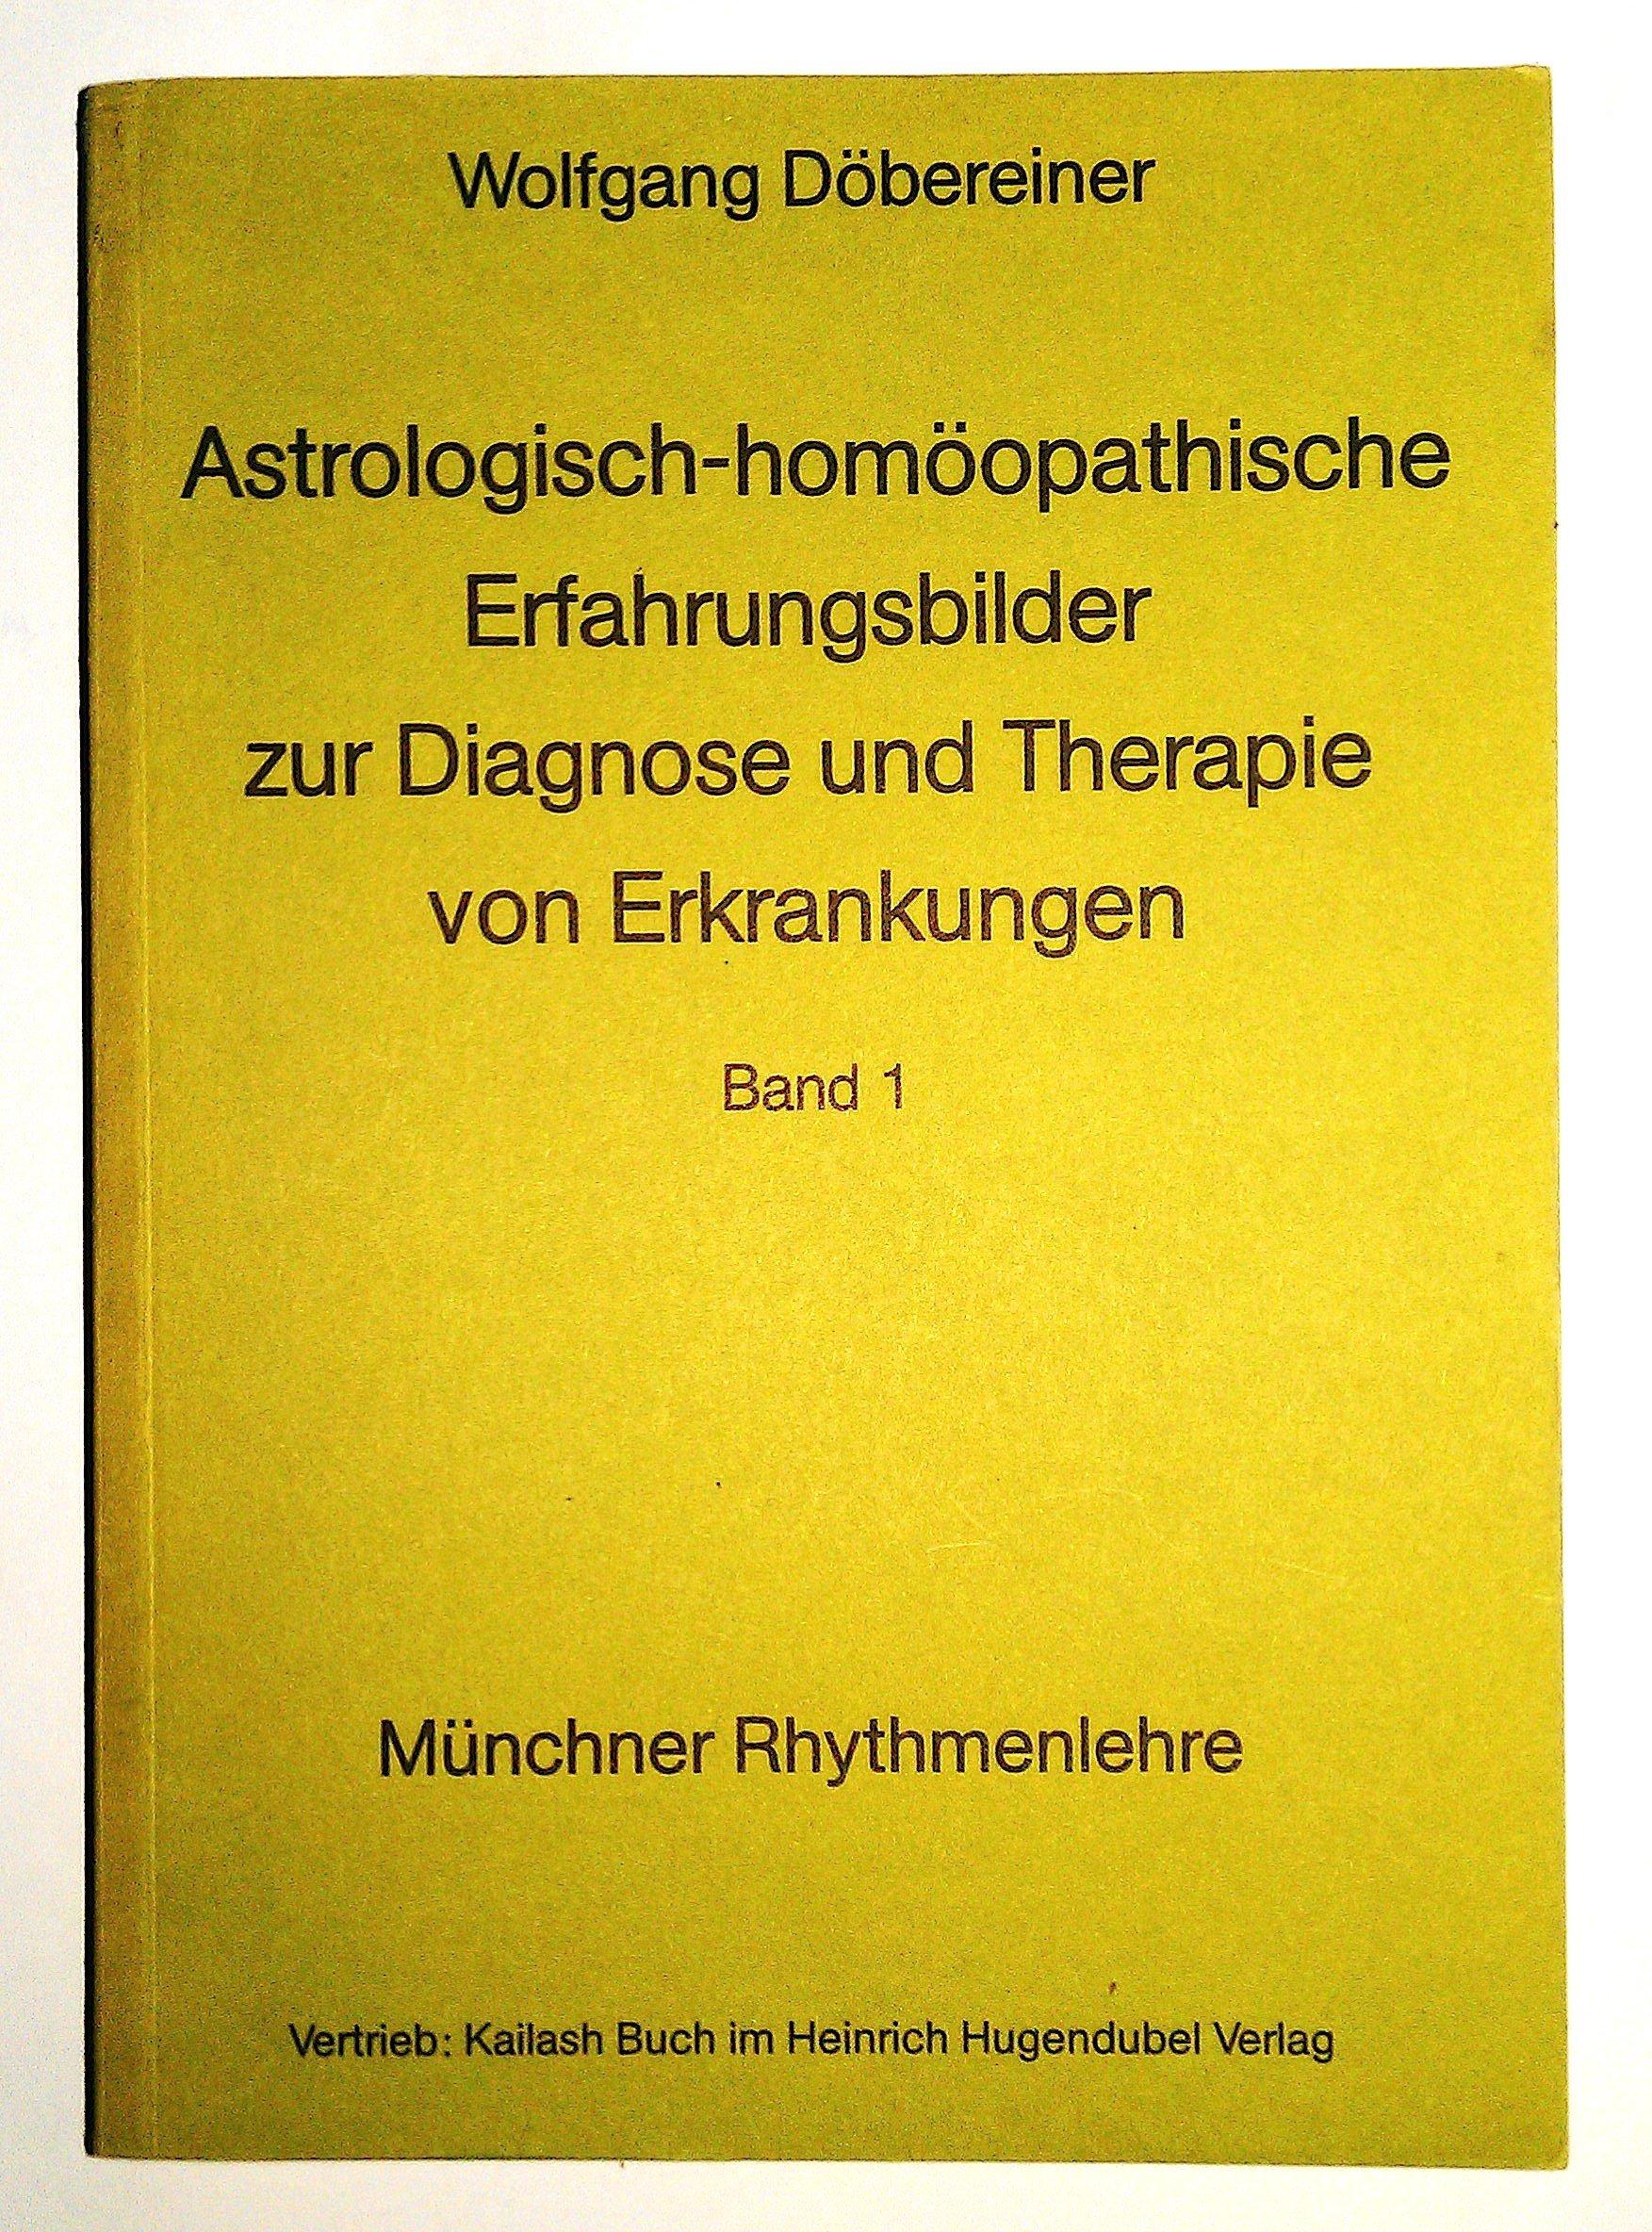 Astrologisch - homöopathische Erfahrungsbilder I zur Diagnose und Therapie von Erkrankungen